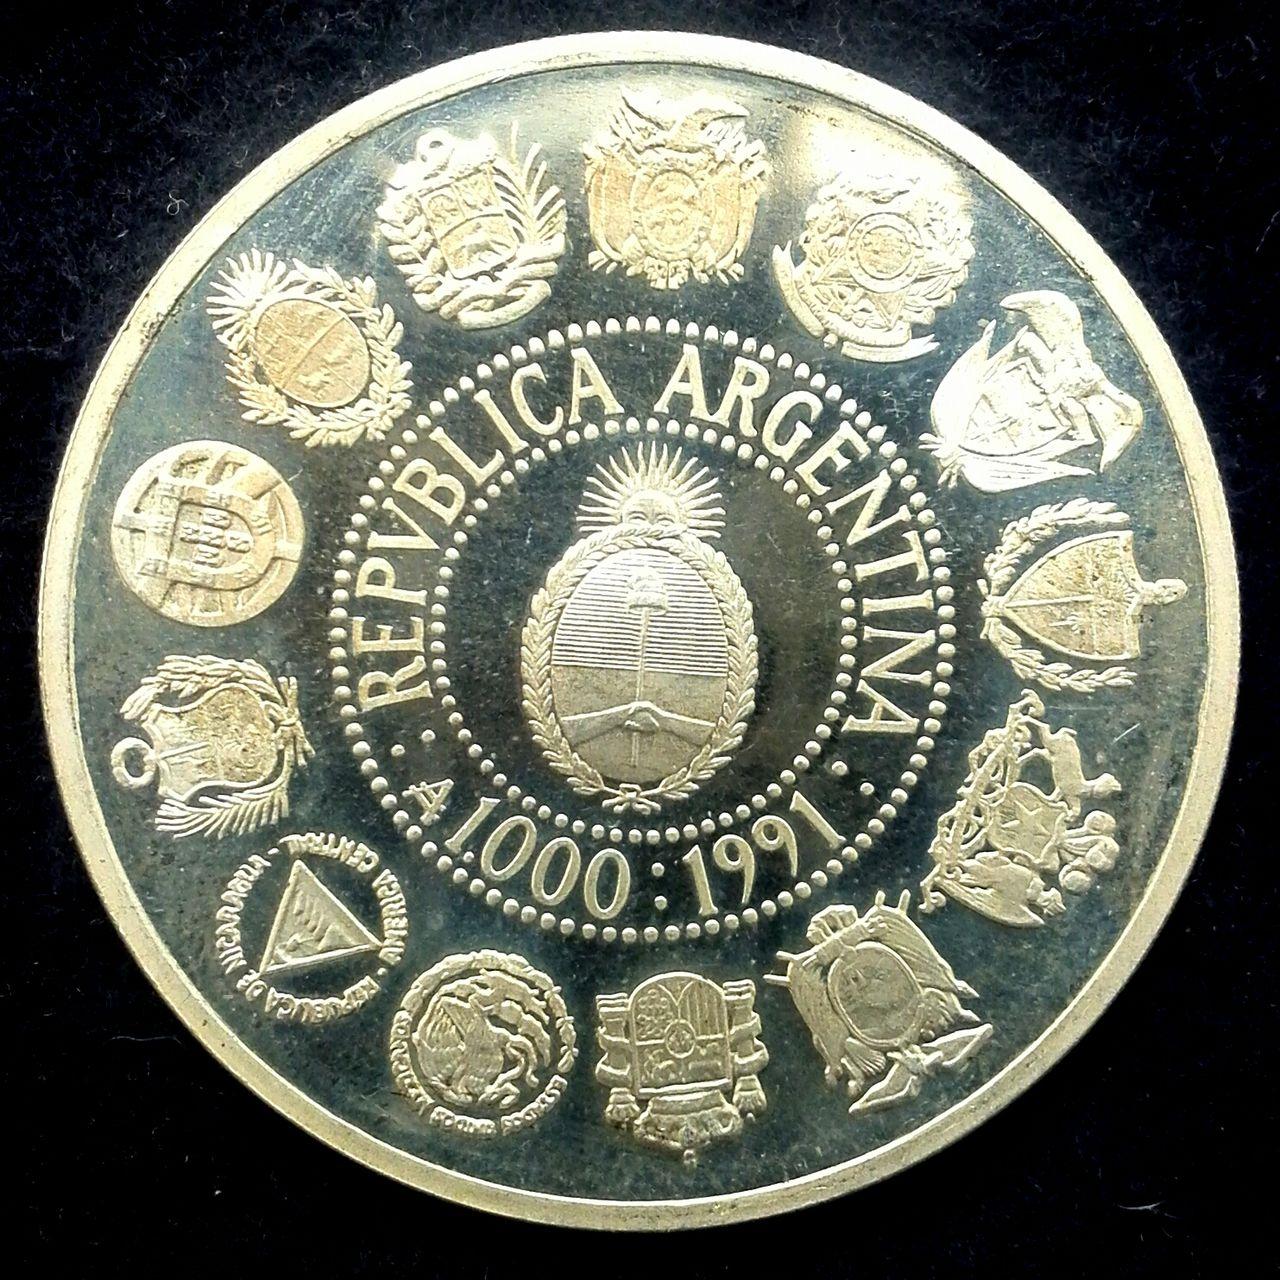 Moneda 1.000 australes - Encuentro de dos mundos - Dedicada a flekyangel IMG_20140602_100855